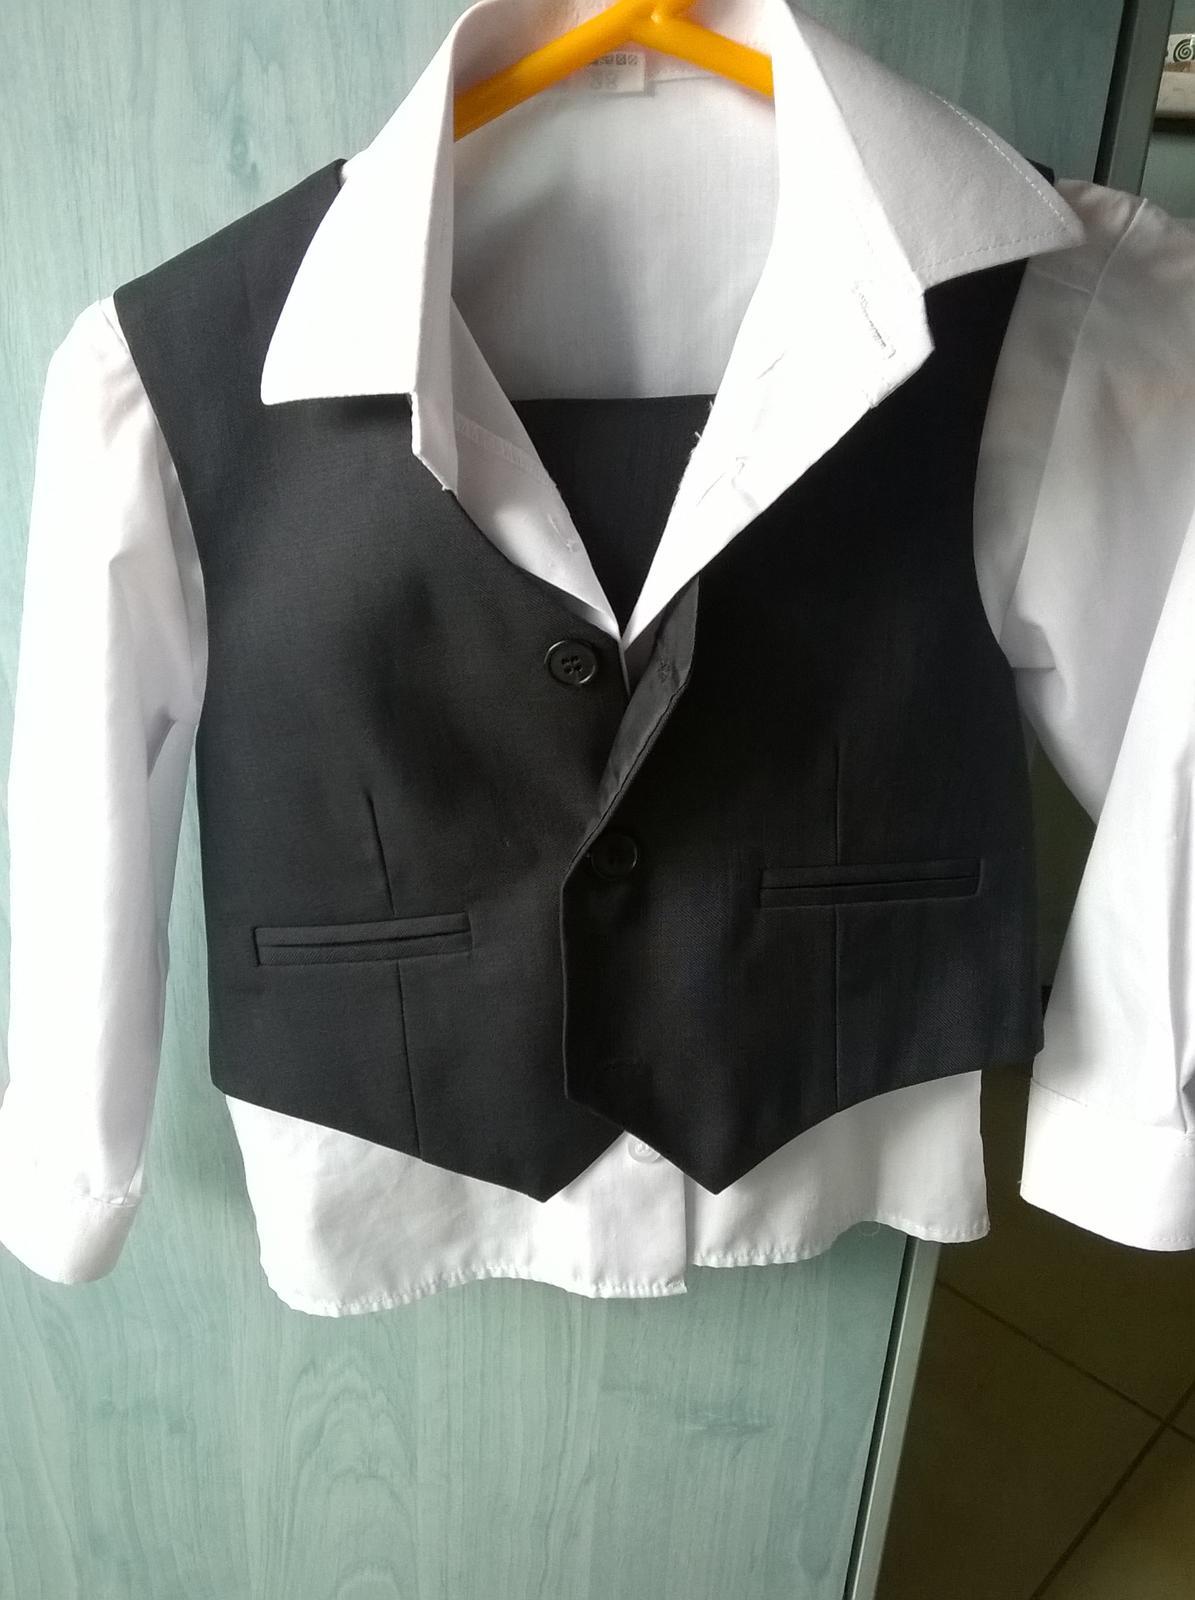 Chlapecká bílá košile 86 s oblekem - Obrázek č. 1